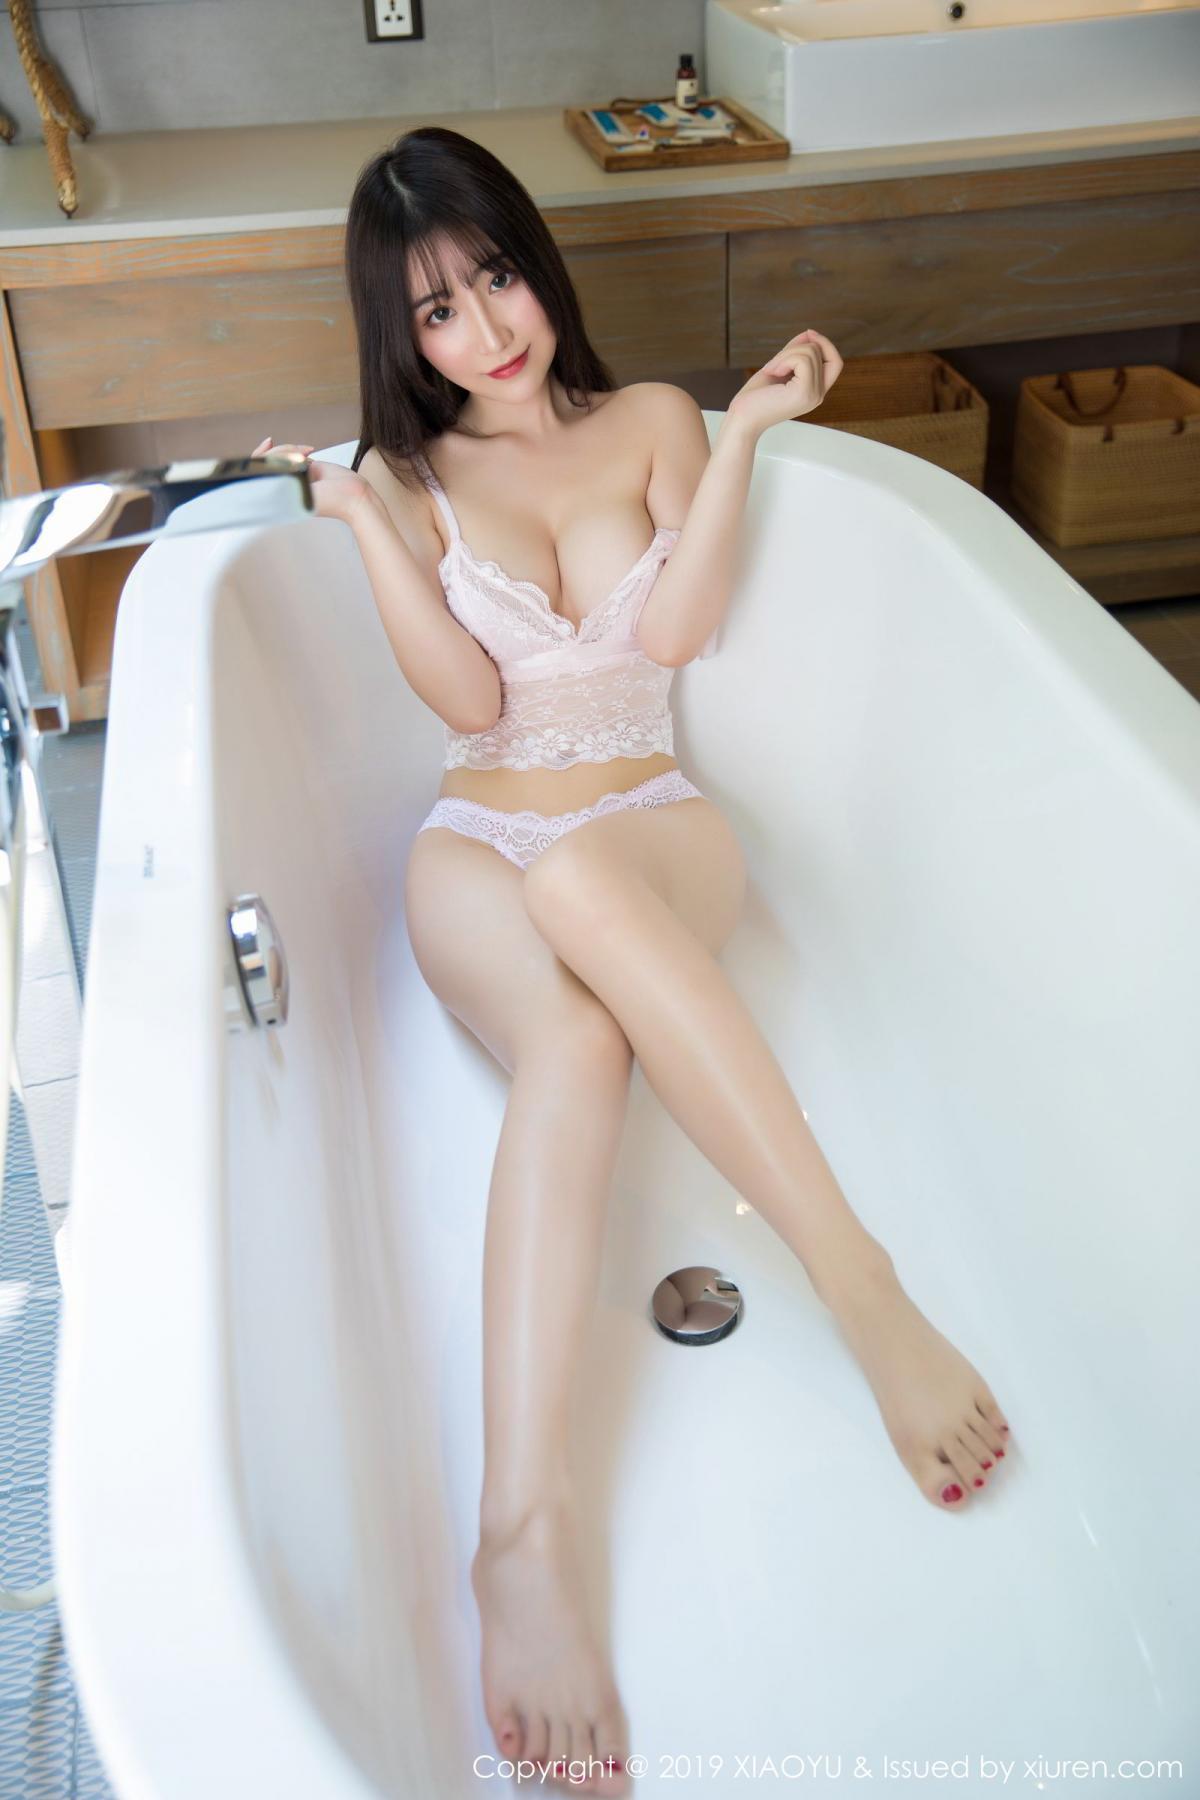 [XiaoYu] Vol.147 Xie Zhi Xin 42P, Bathroom, Big Booty, Wet, XiaoYu, Xie Zhi Xin